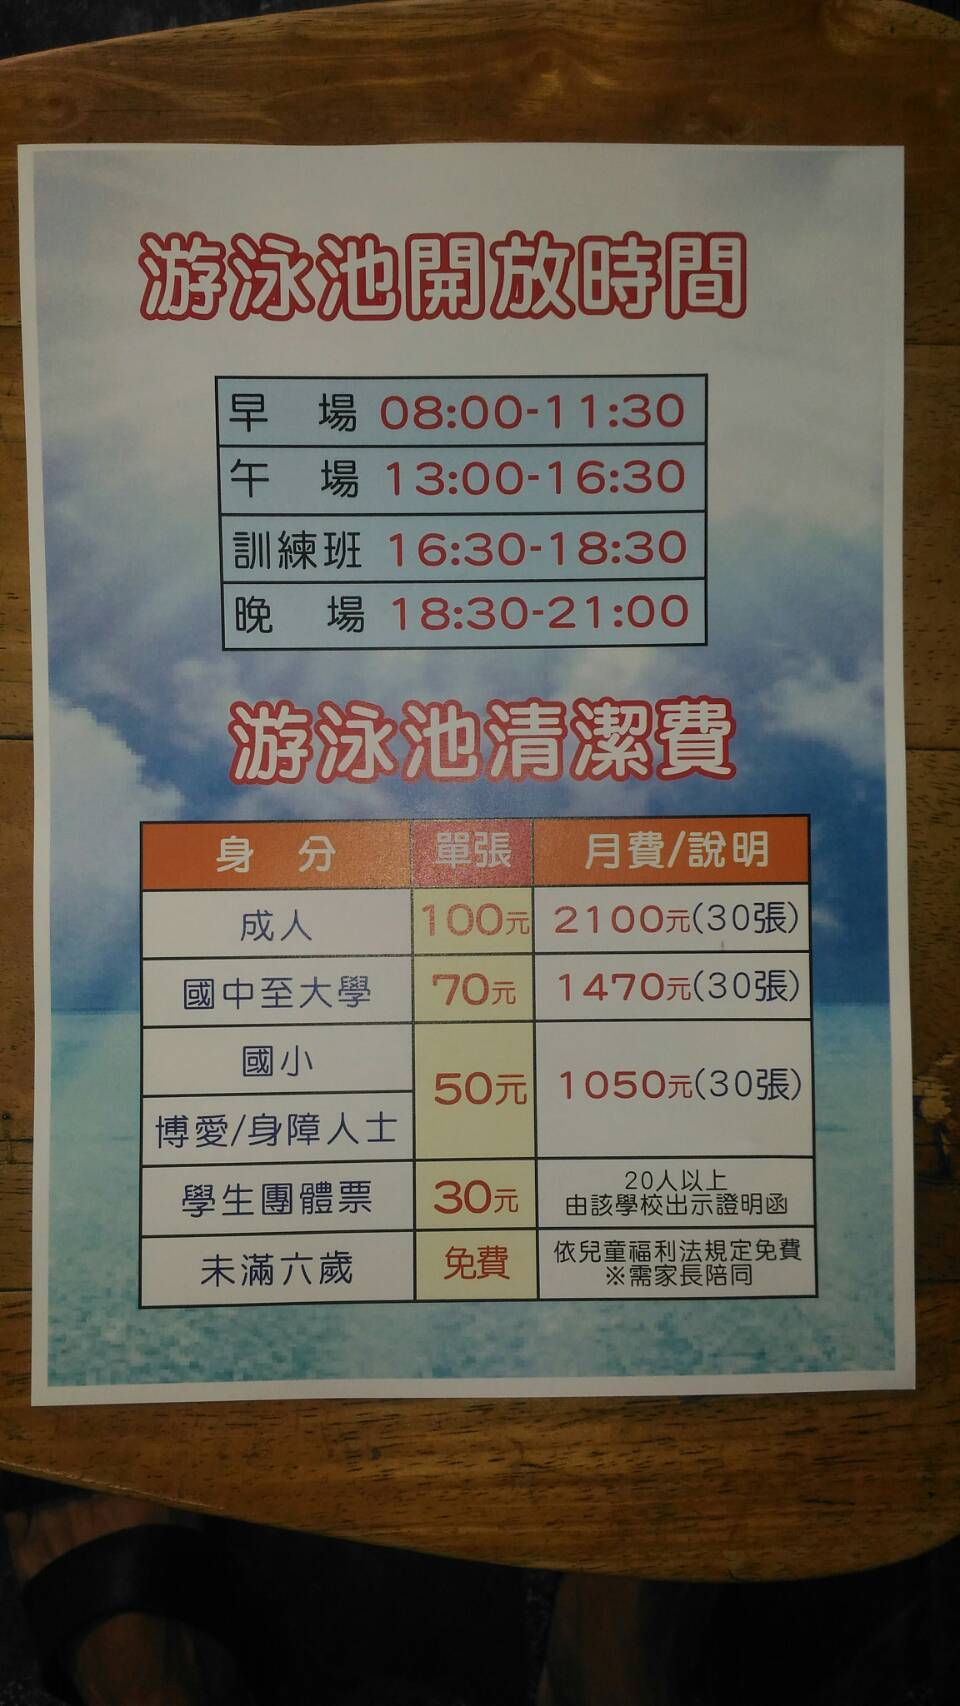 新開放時間暨收費標準。圖/大林鄉鎮公所提供